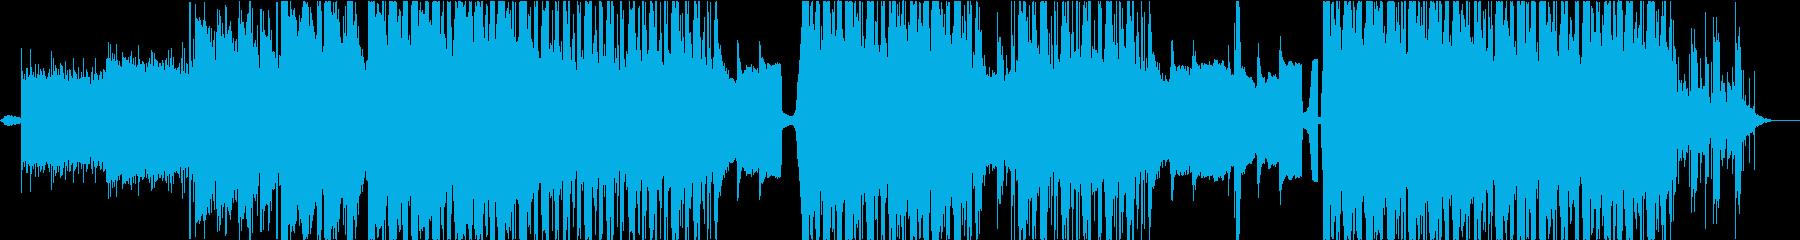 切ないトラップビートchill lofiの再生済みの波形